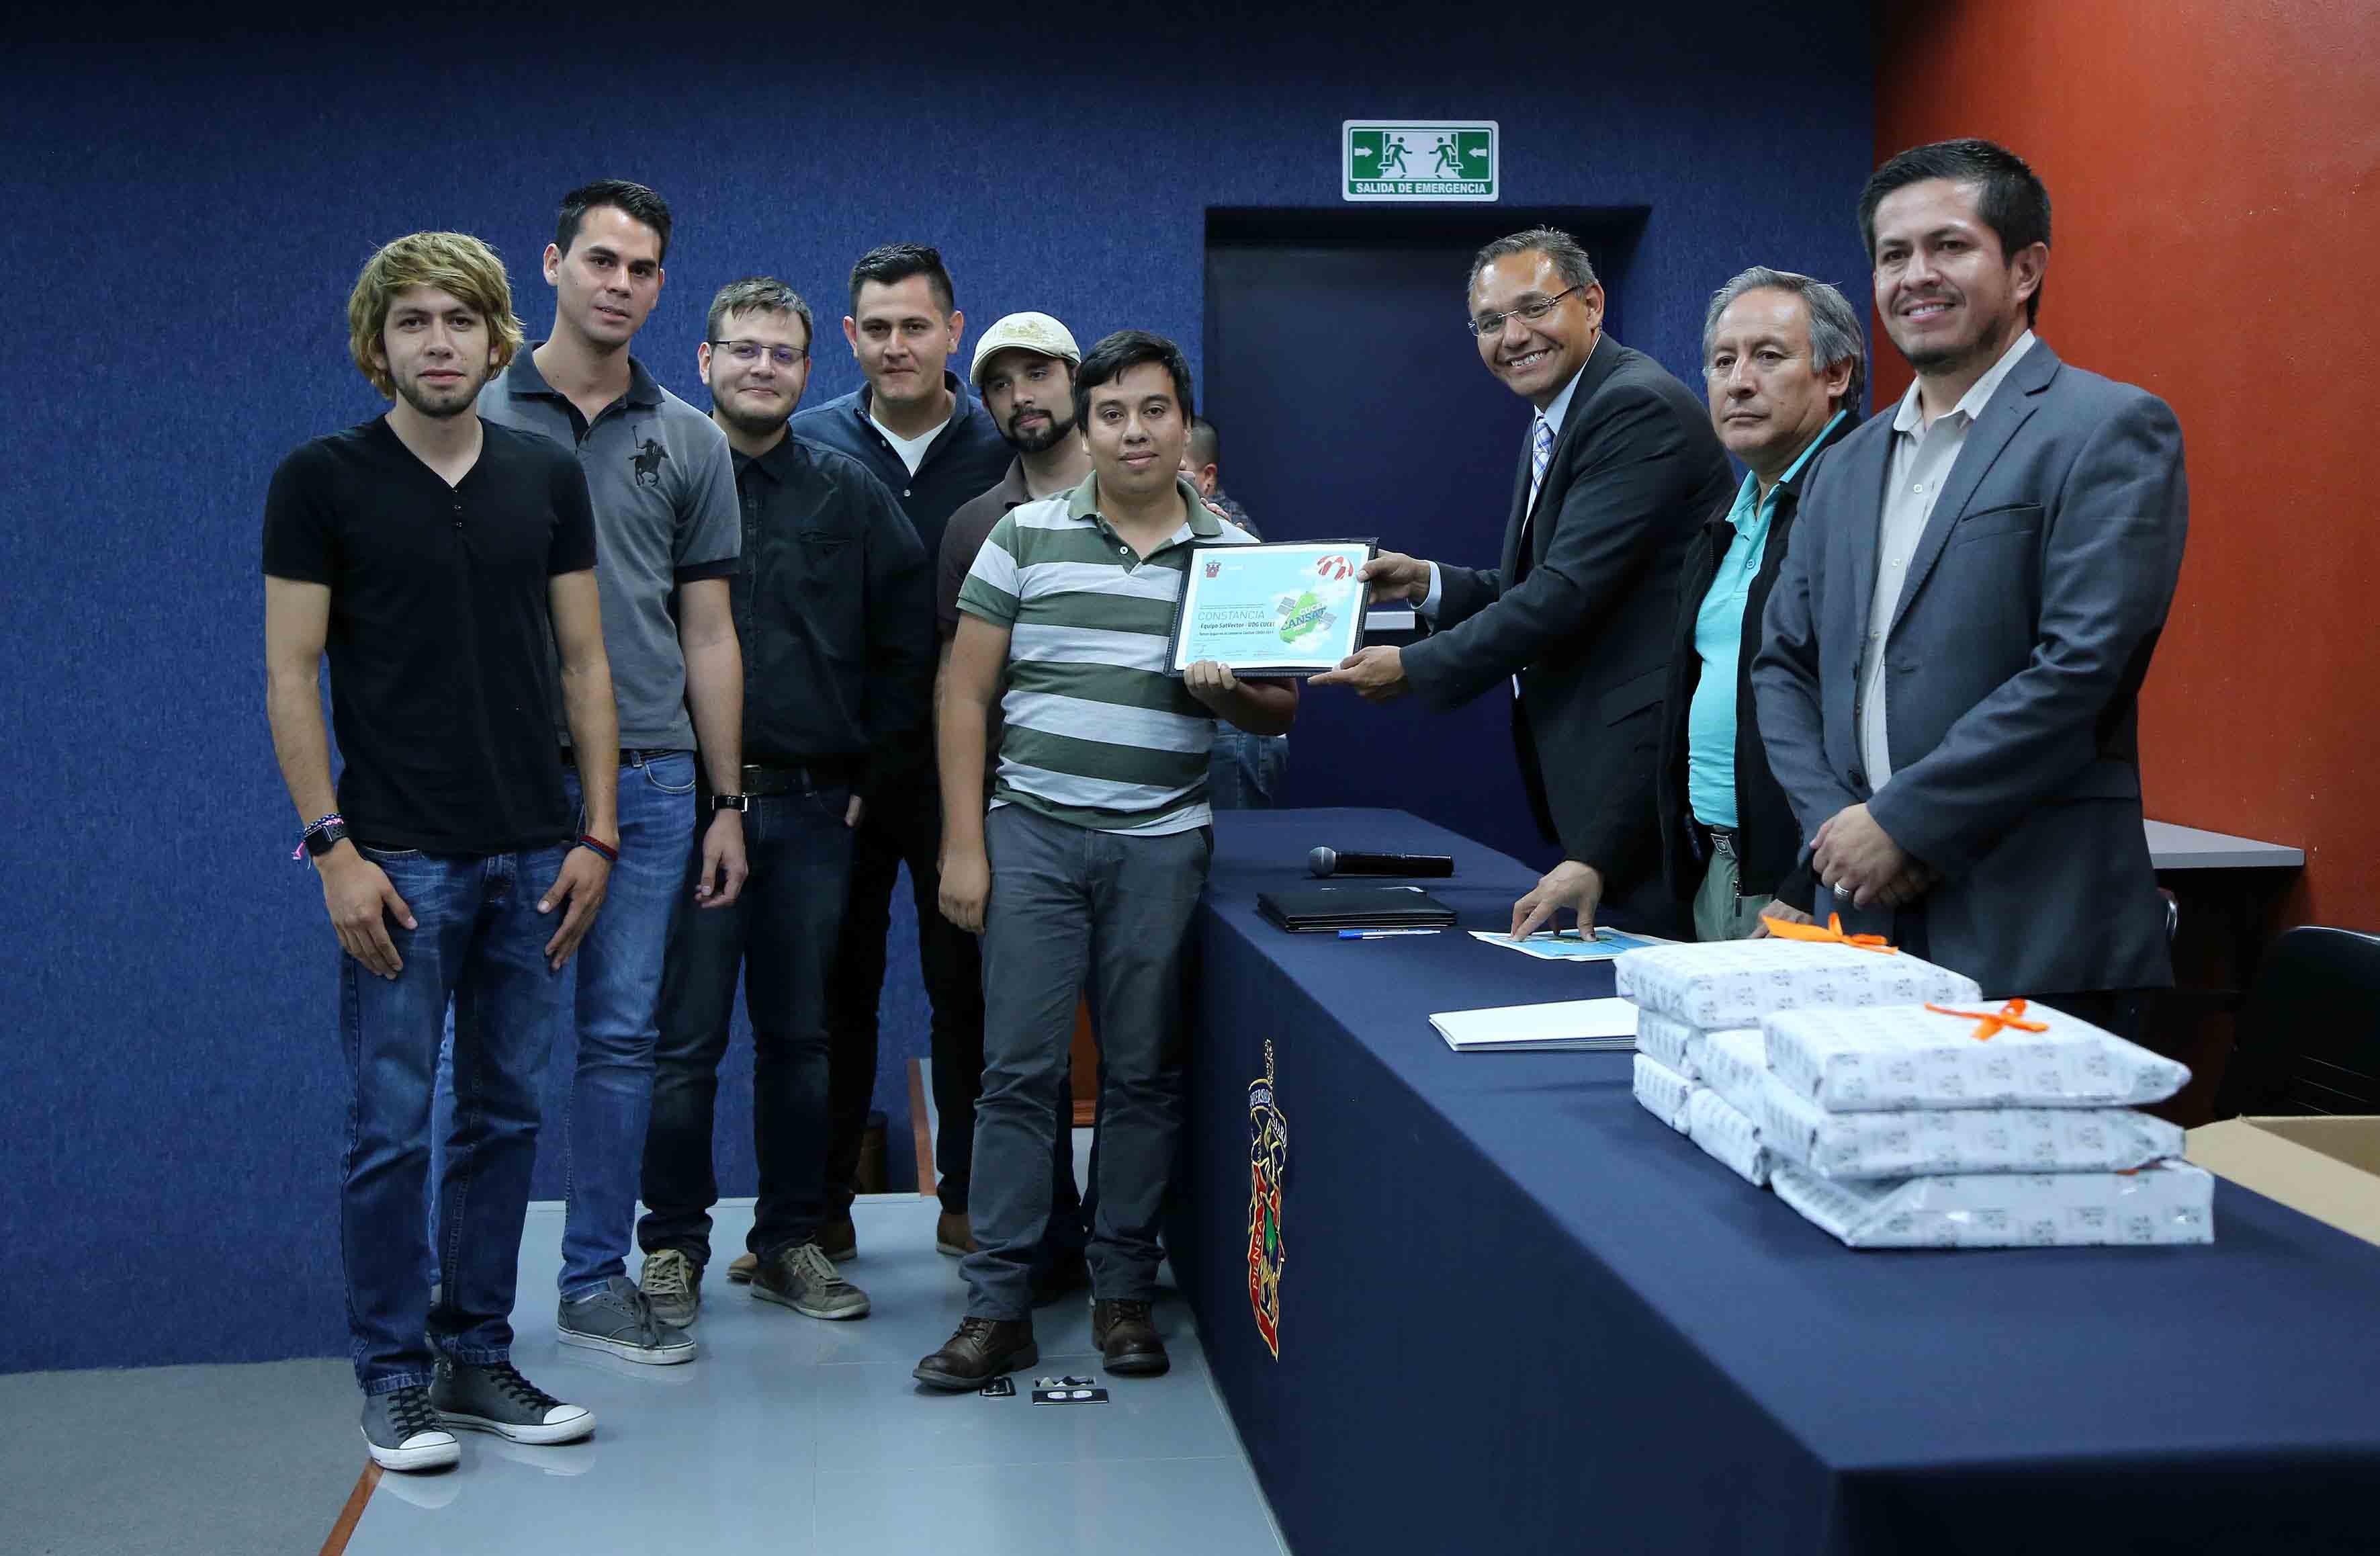 Entrega de constancia a estudiantes de la UdeG en el concurso CUCEI CanSat